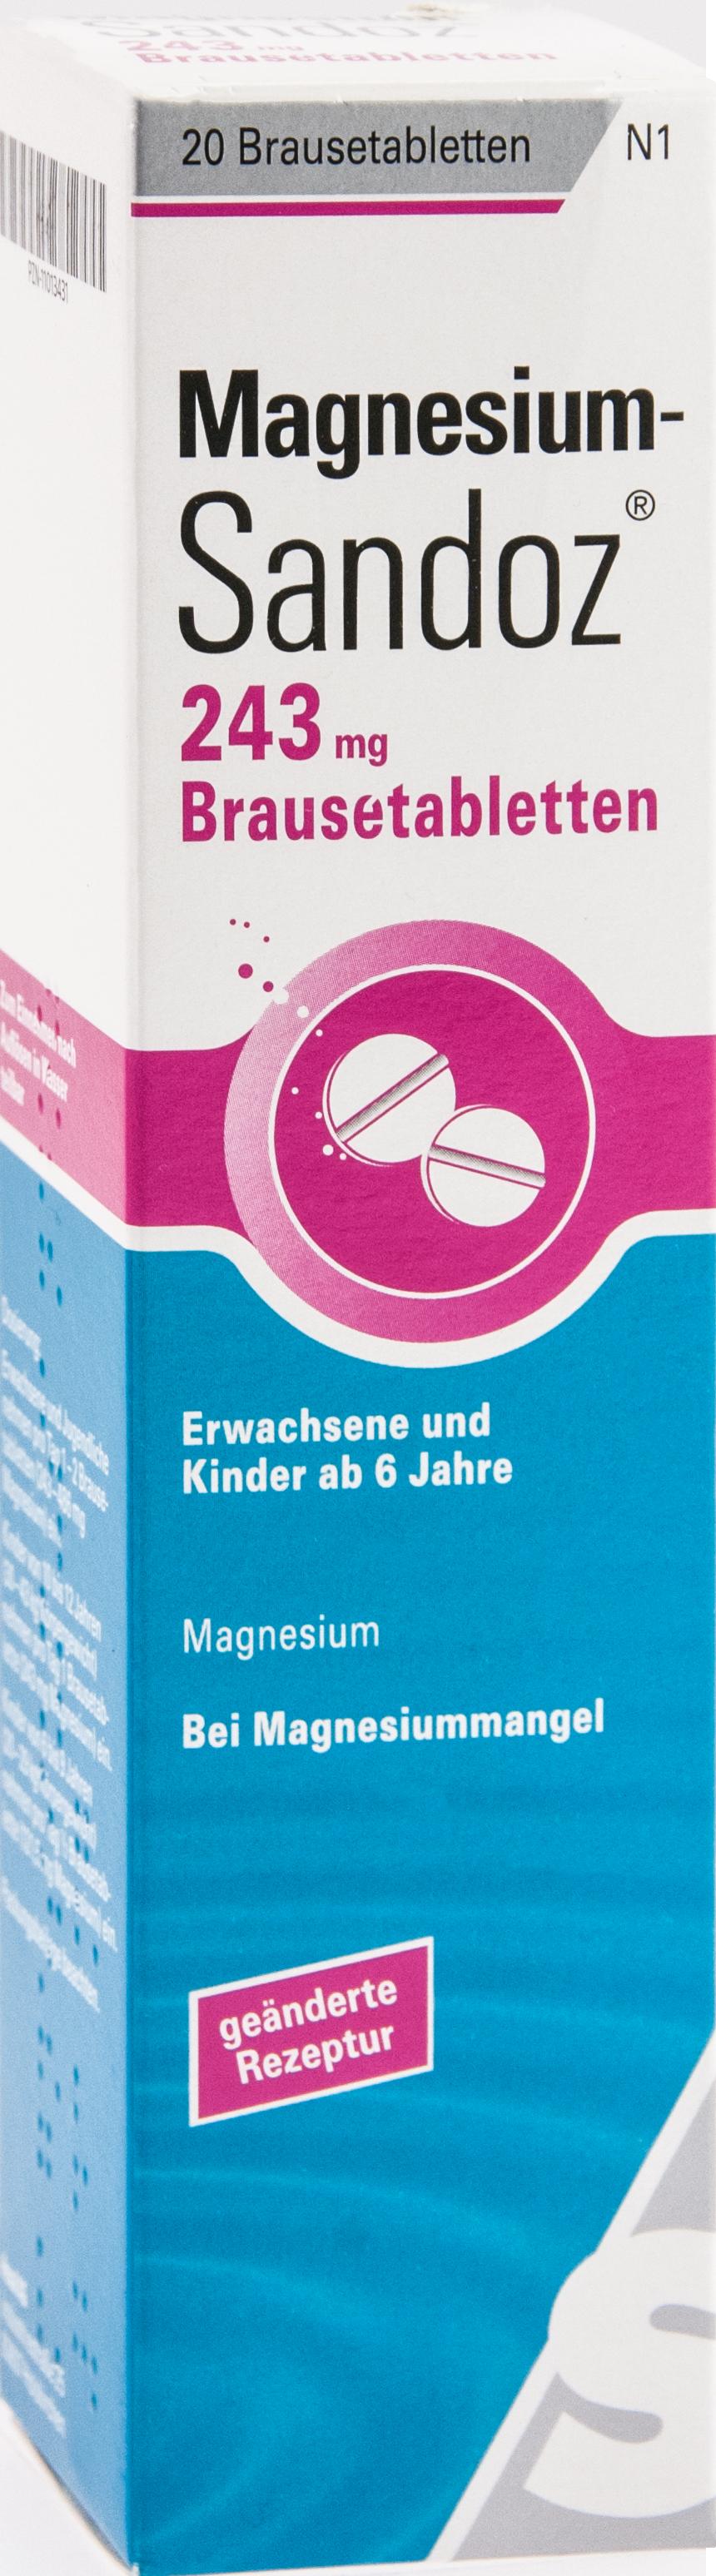 Magnesium-Sandoz 243mg Brausetablette